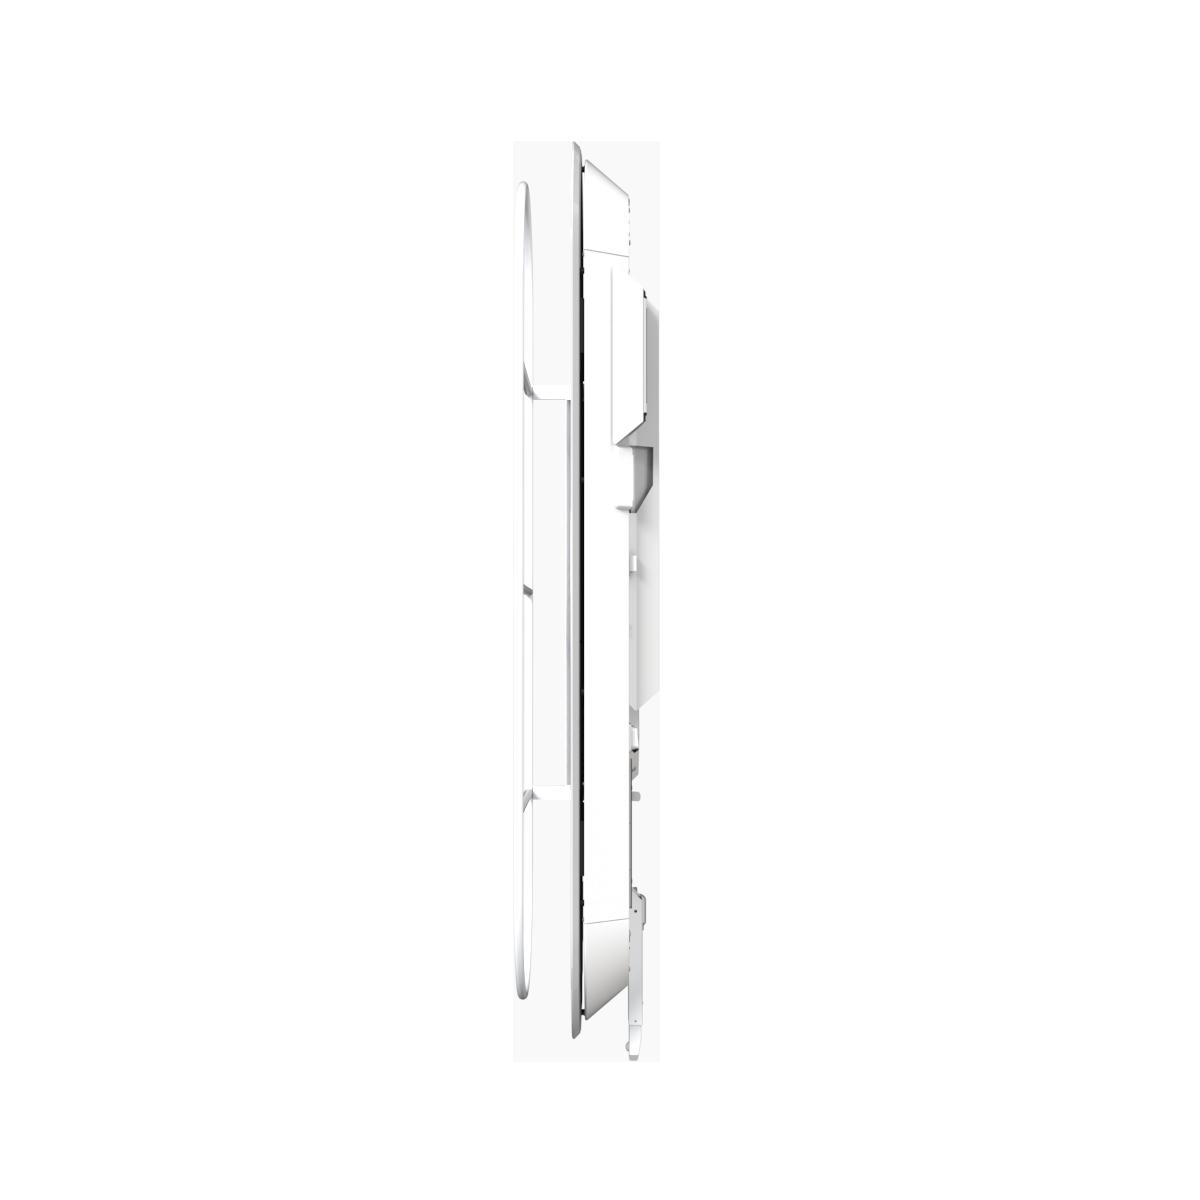 Image 3vision 360 degrés du produit CAMPASTYLE HOLIDAY 3.0